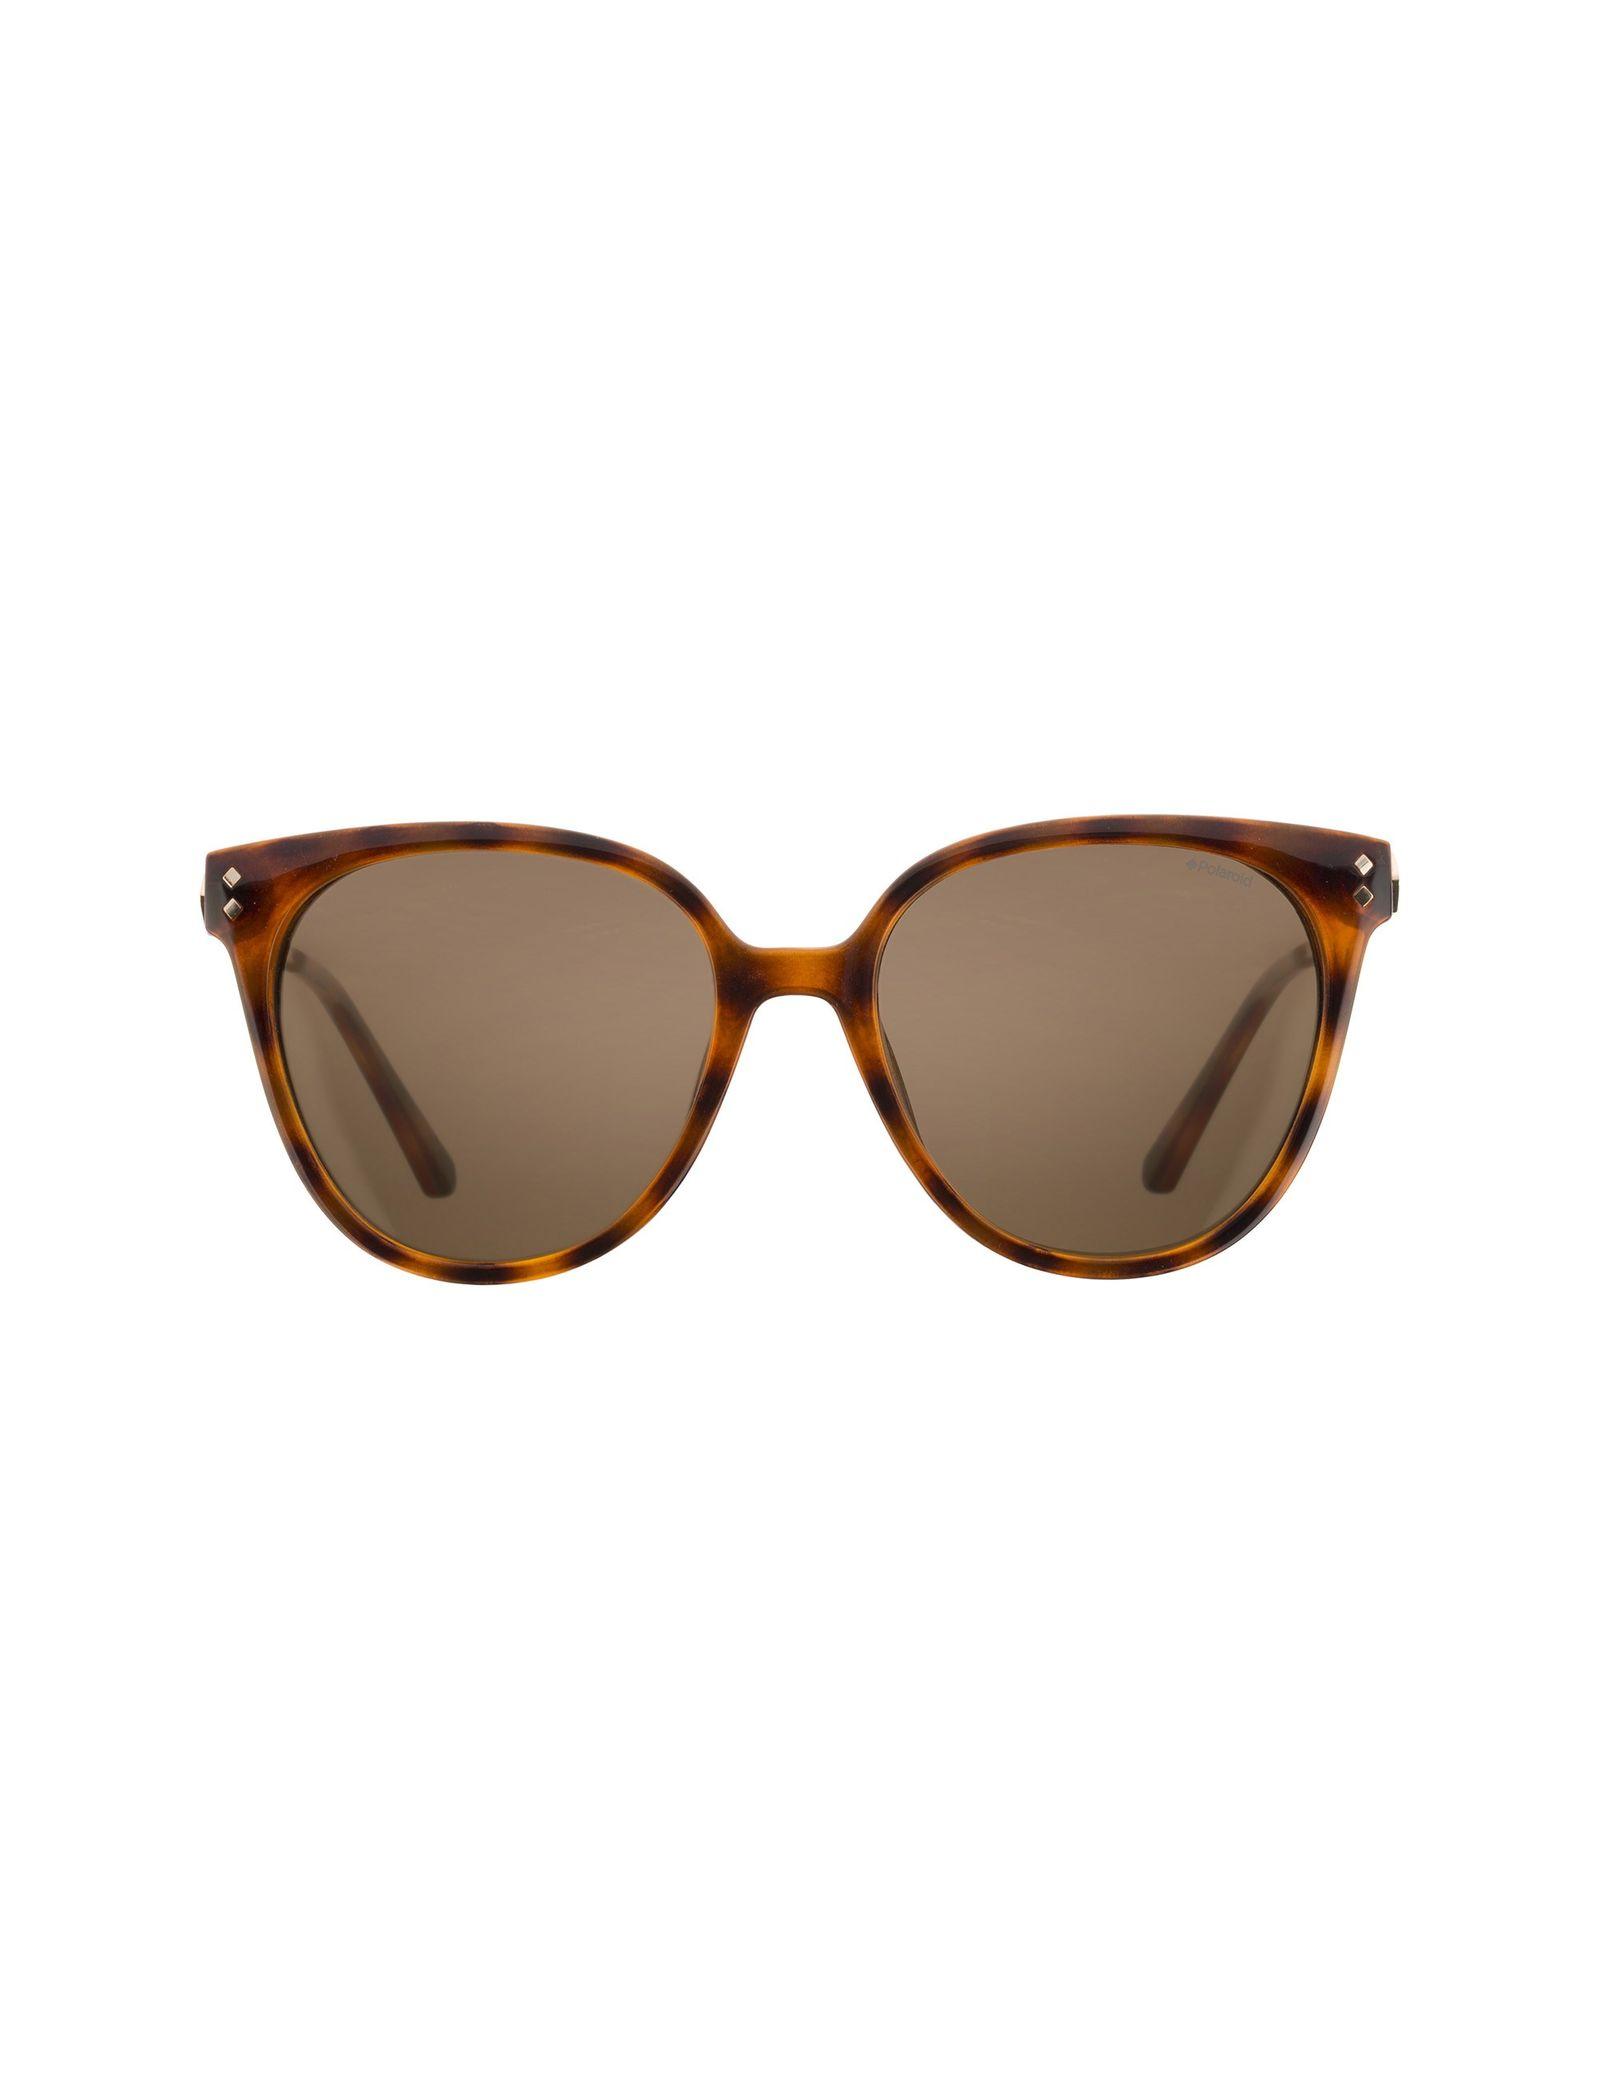 عینک آفتابی گربه ای زنانه - پولاروید - قهوه اي لاک پشتي - 1